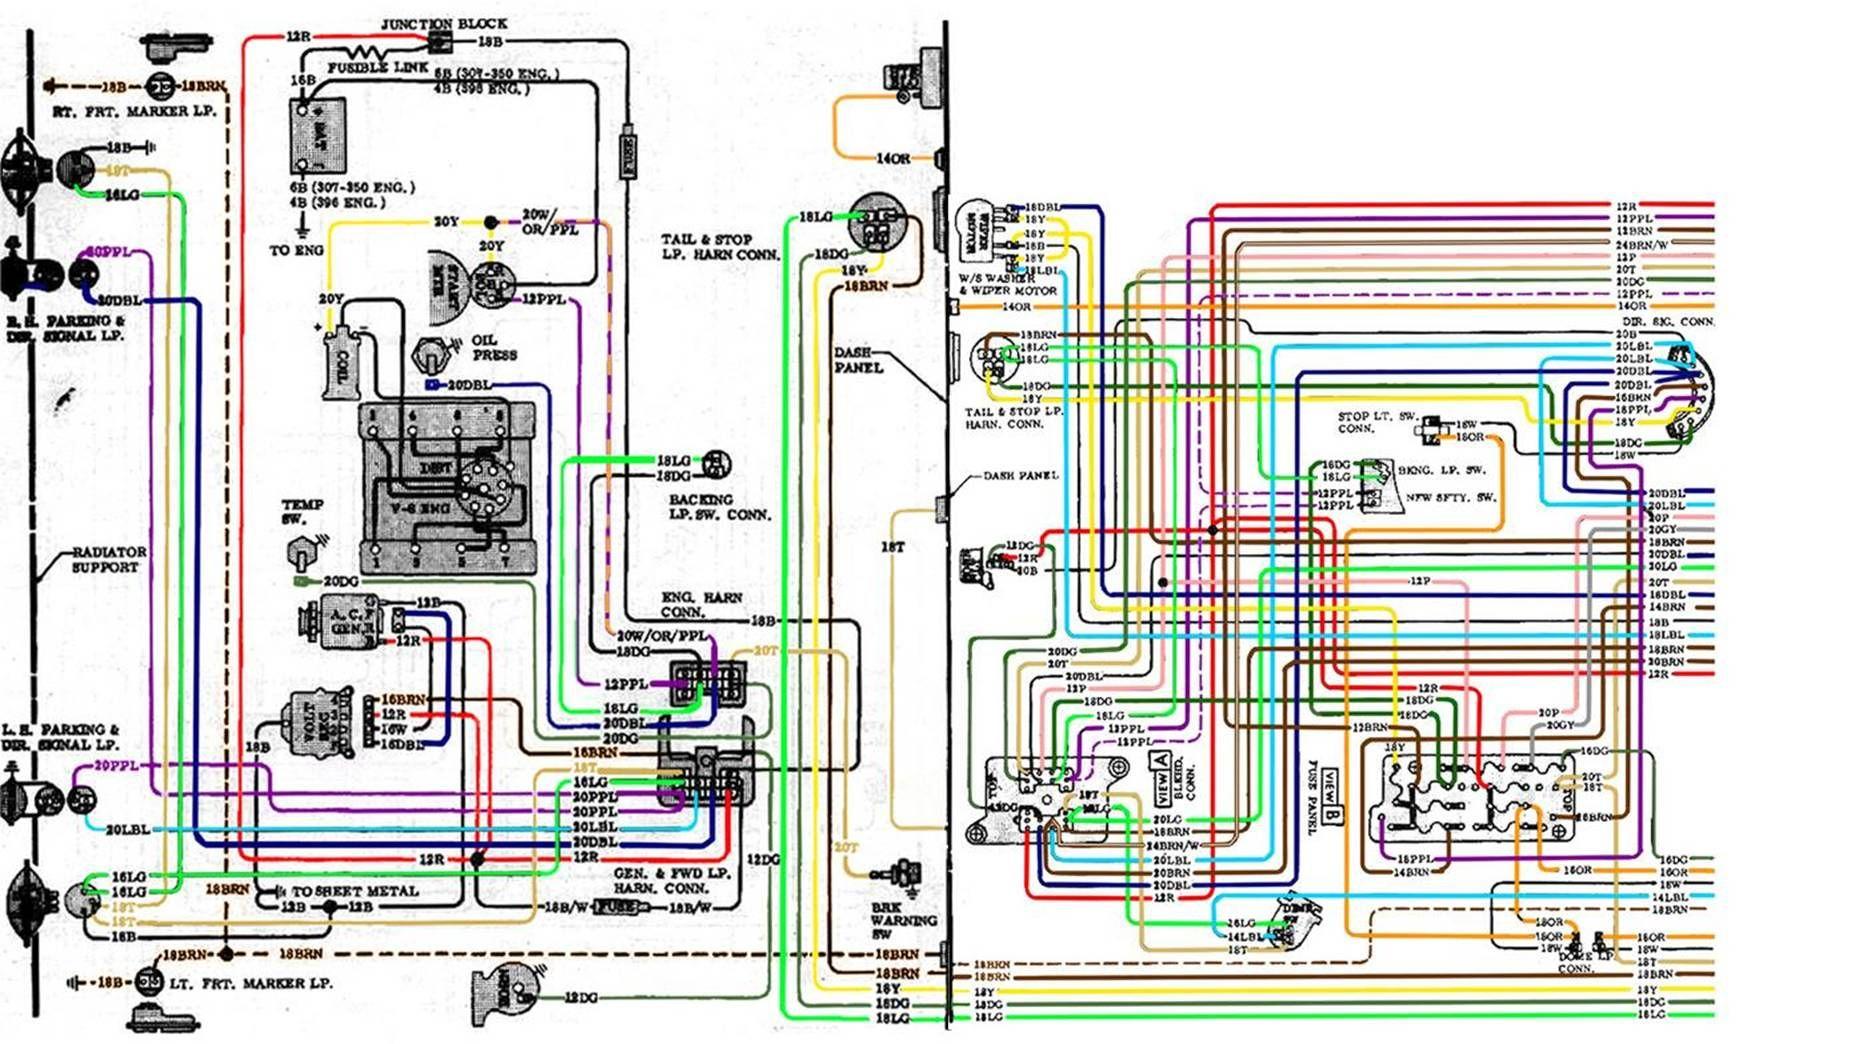 vega wiring diagram lights everything wiring diagram 1972 chevy nova wiring diagram 72 chevy wiring diagram [ 1867 x 1044 Pixel ]